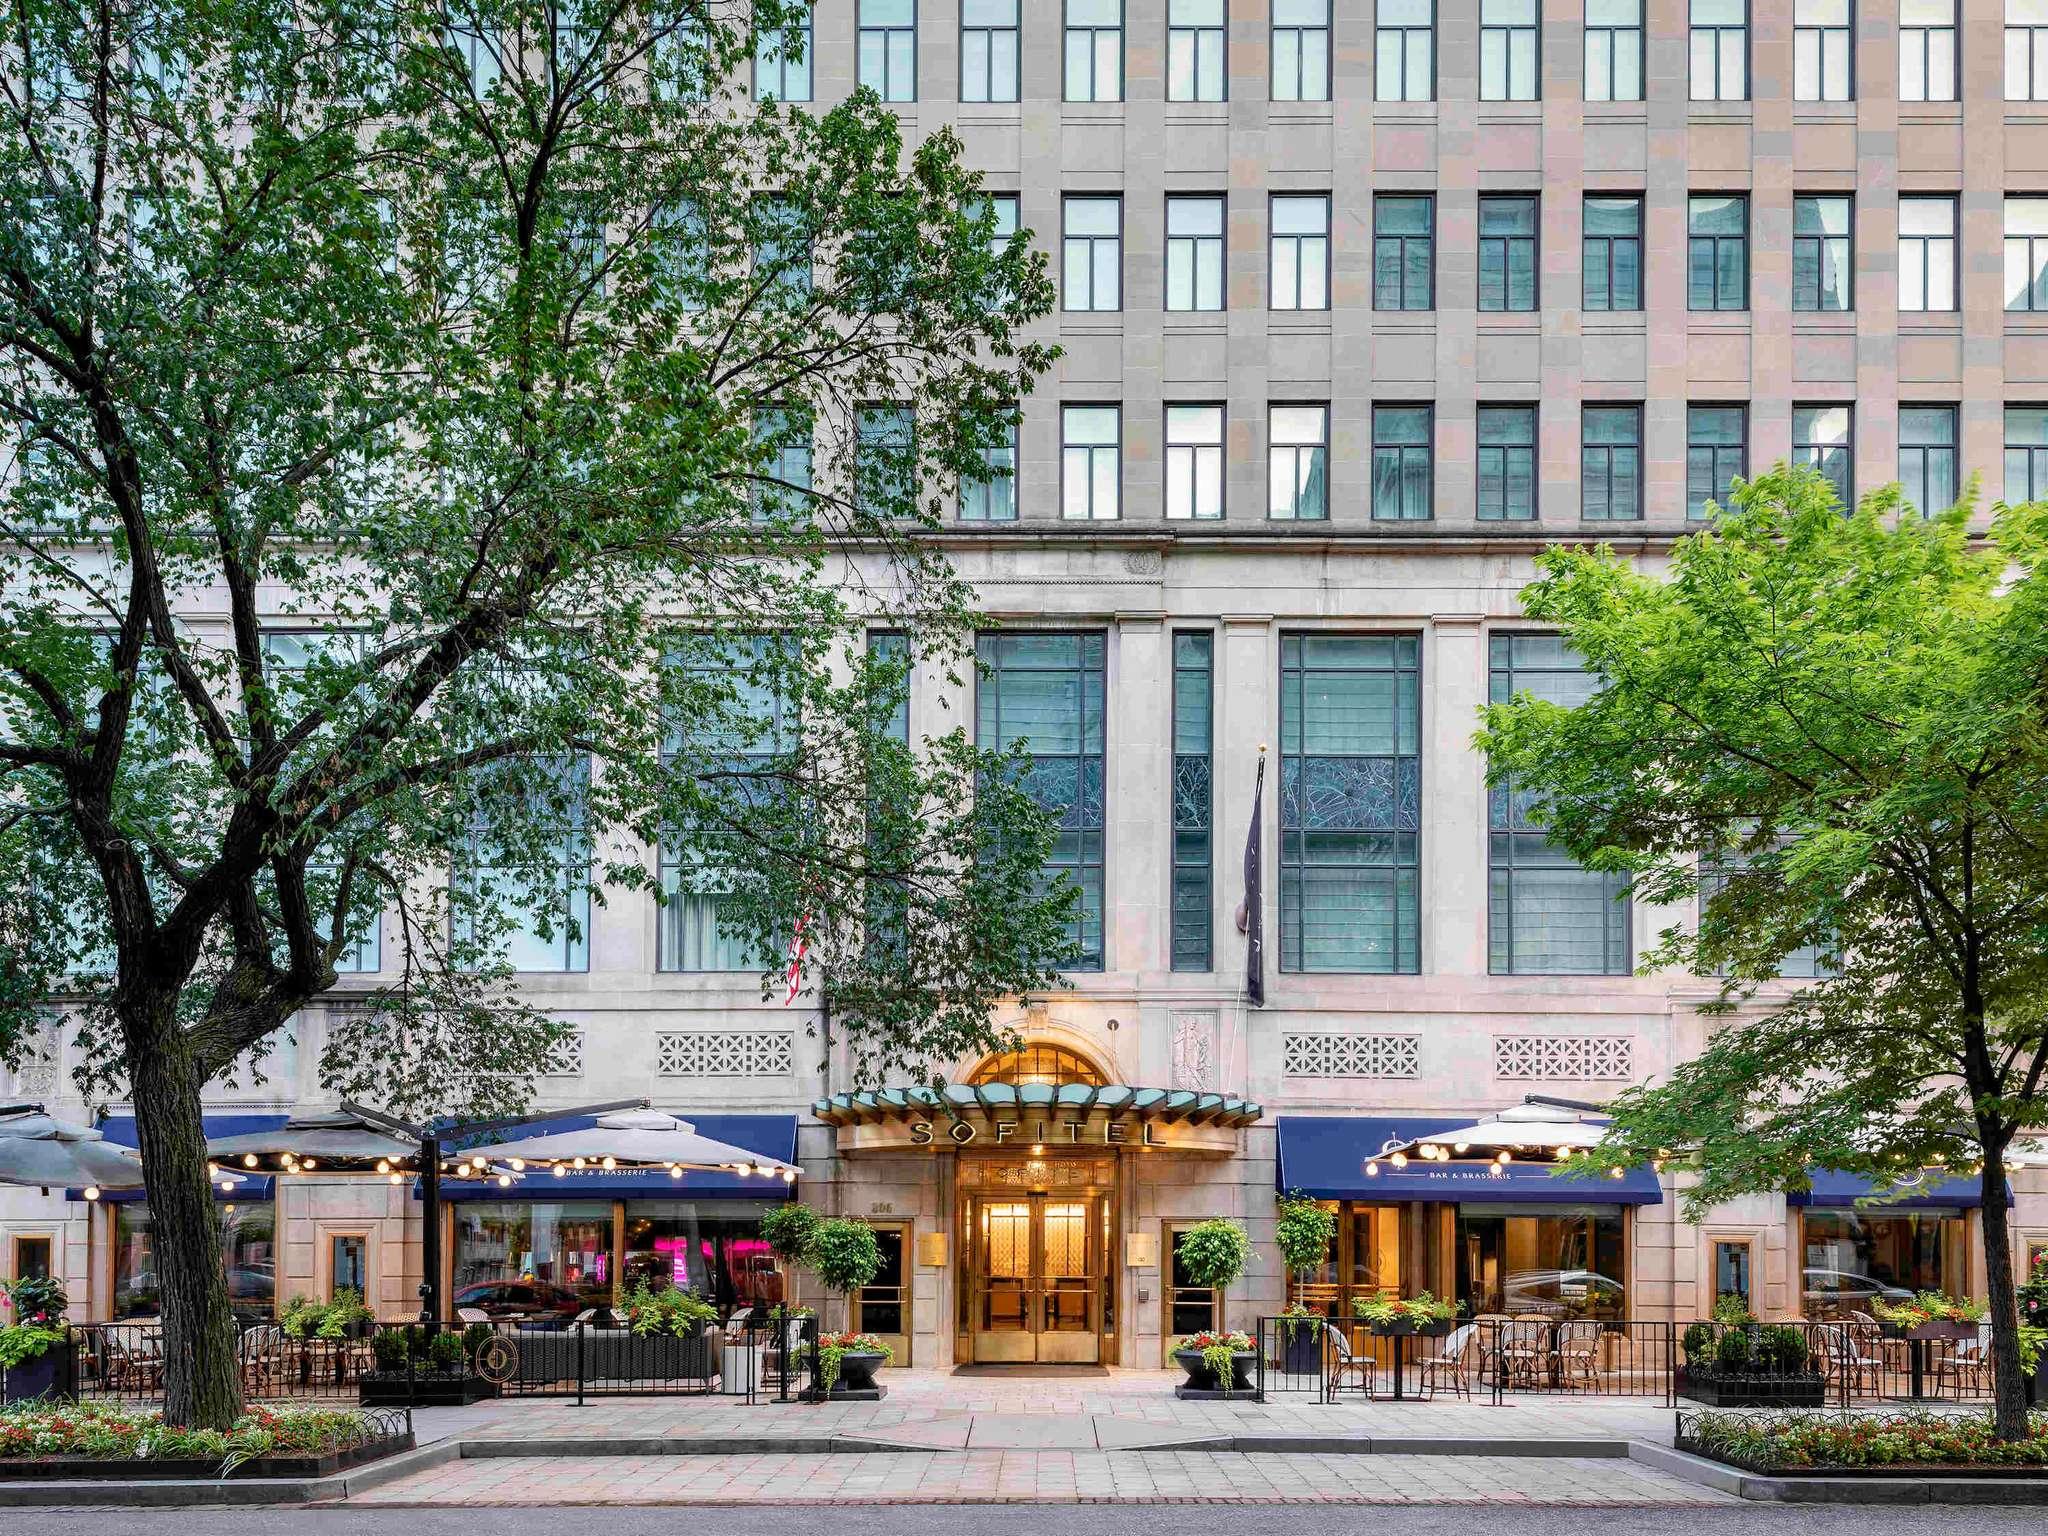 酒店 – 华盛顿拉菲特广场索菲特酒店